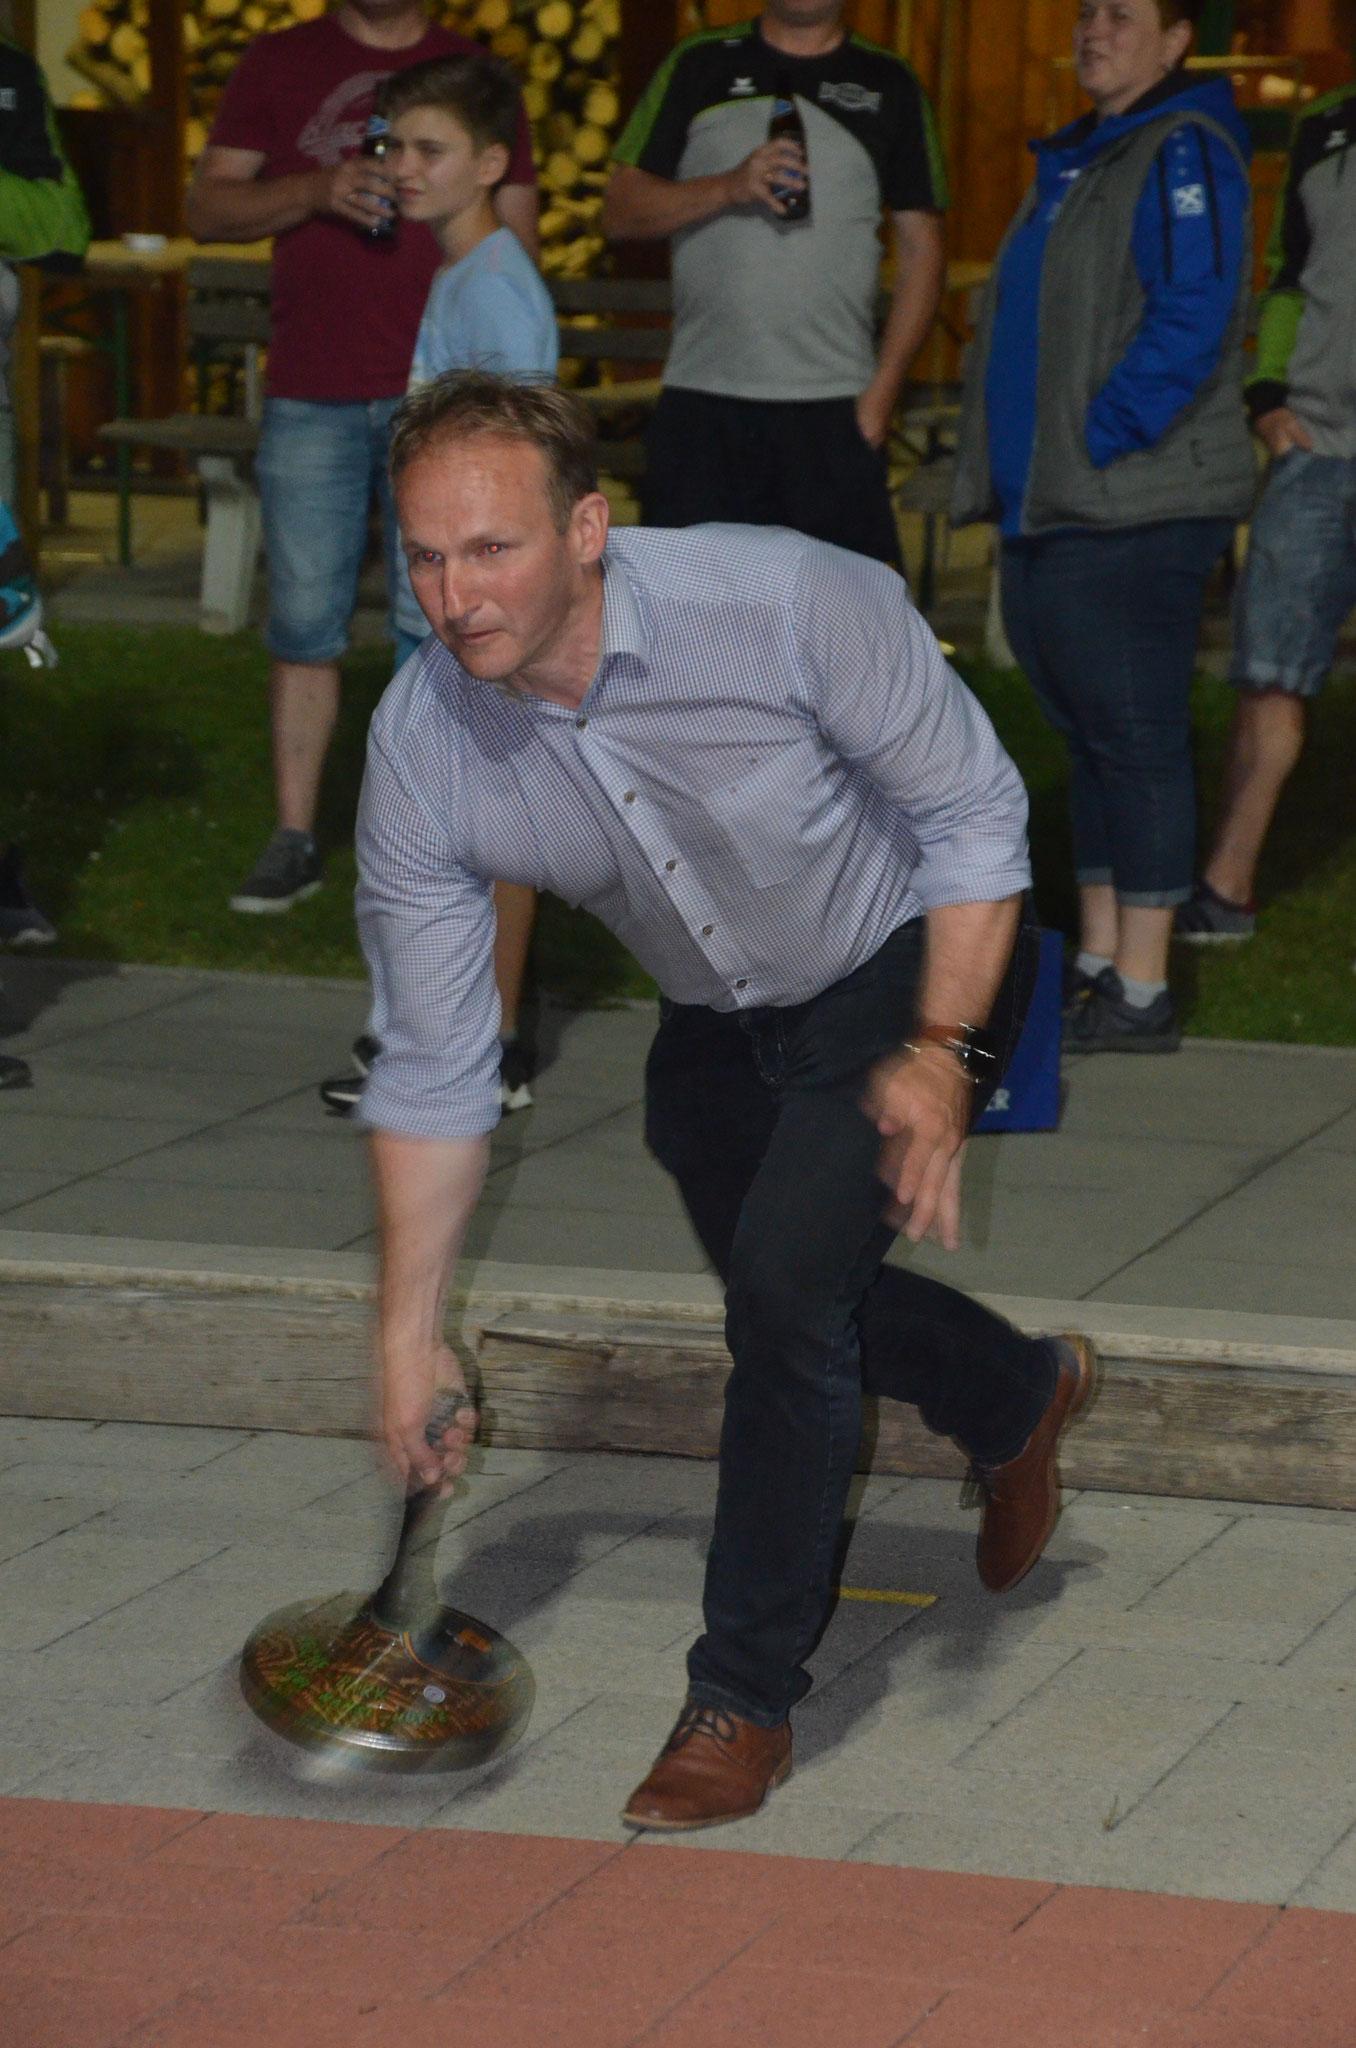 Unser Bürgermeister versucht sich im Stocksport